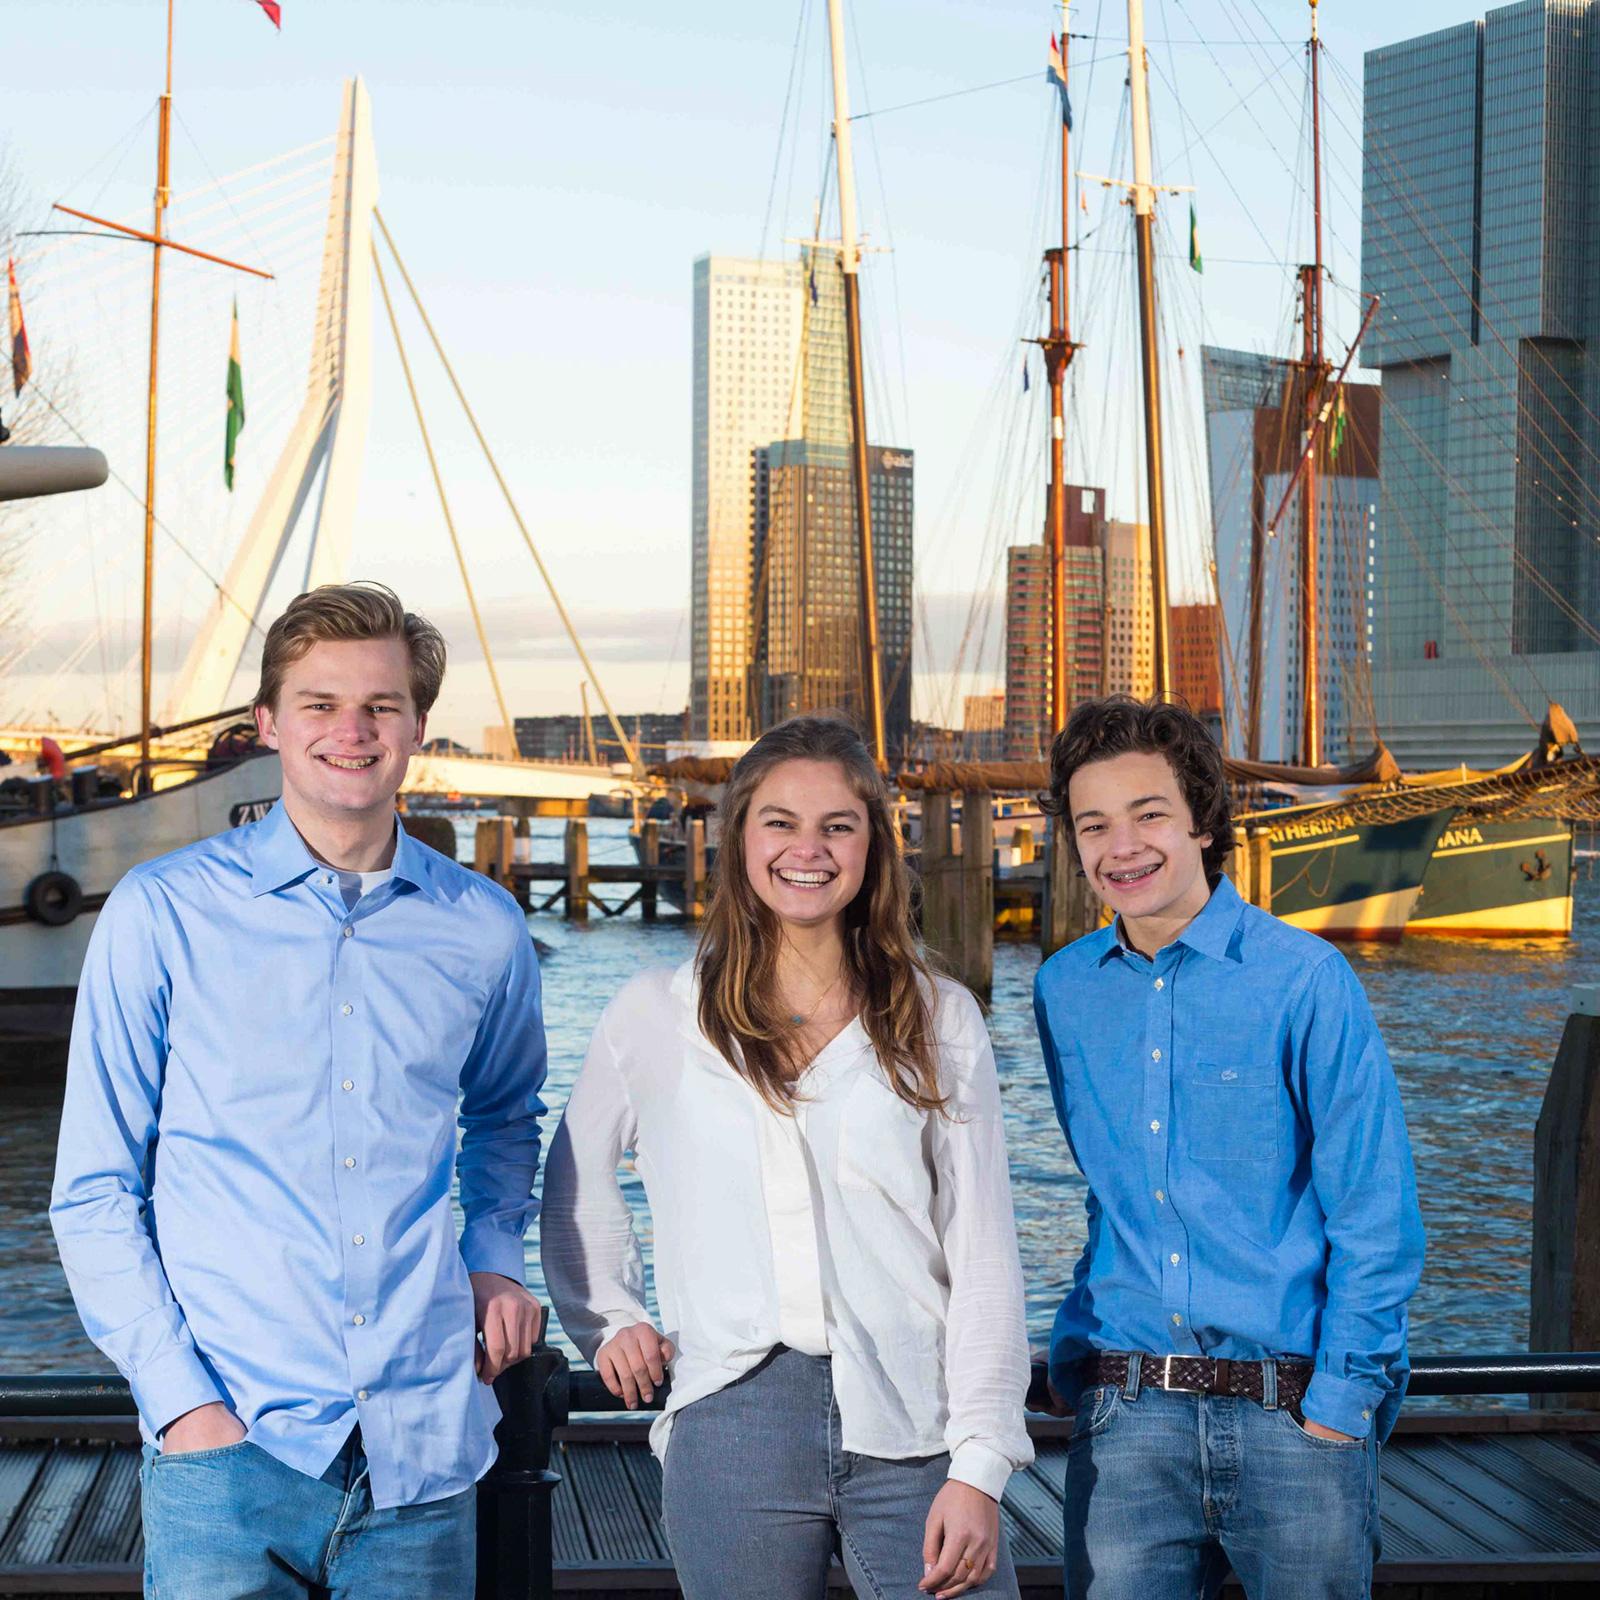 gezinsportret_rotterdam_haven.jpg